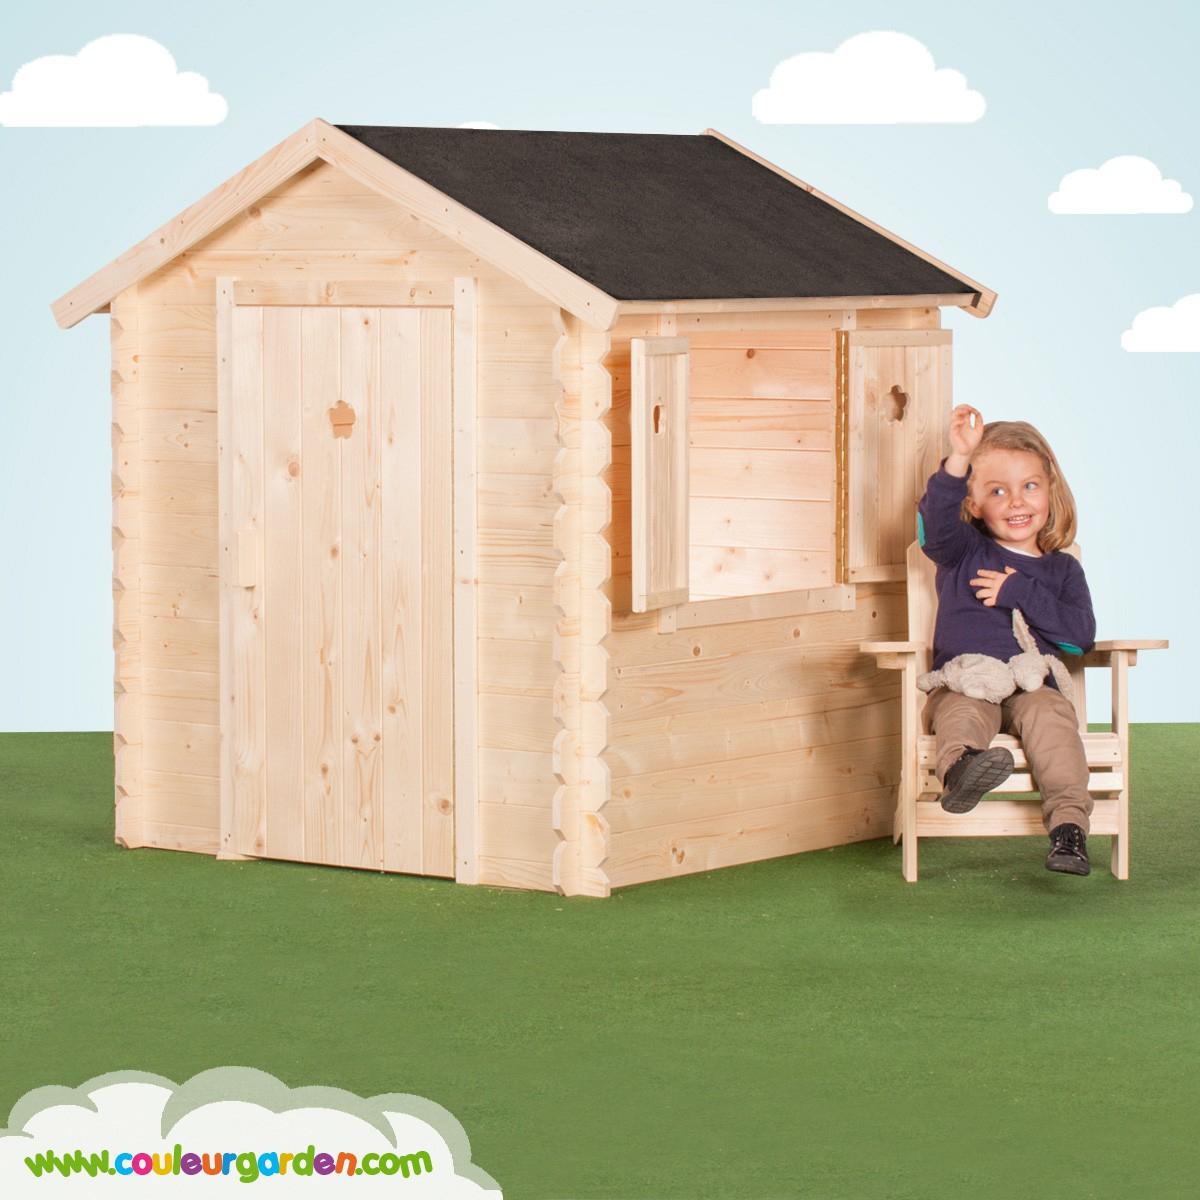 Cabane De Jardin En Bois Pas Cher Maison En Bois Pour Enfant ... destiné Maison De Jardin Pour Enfant